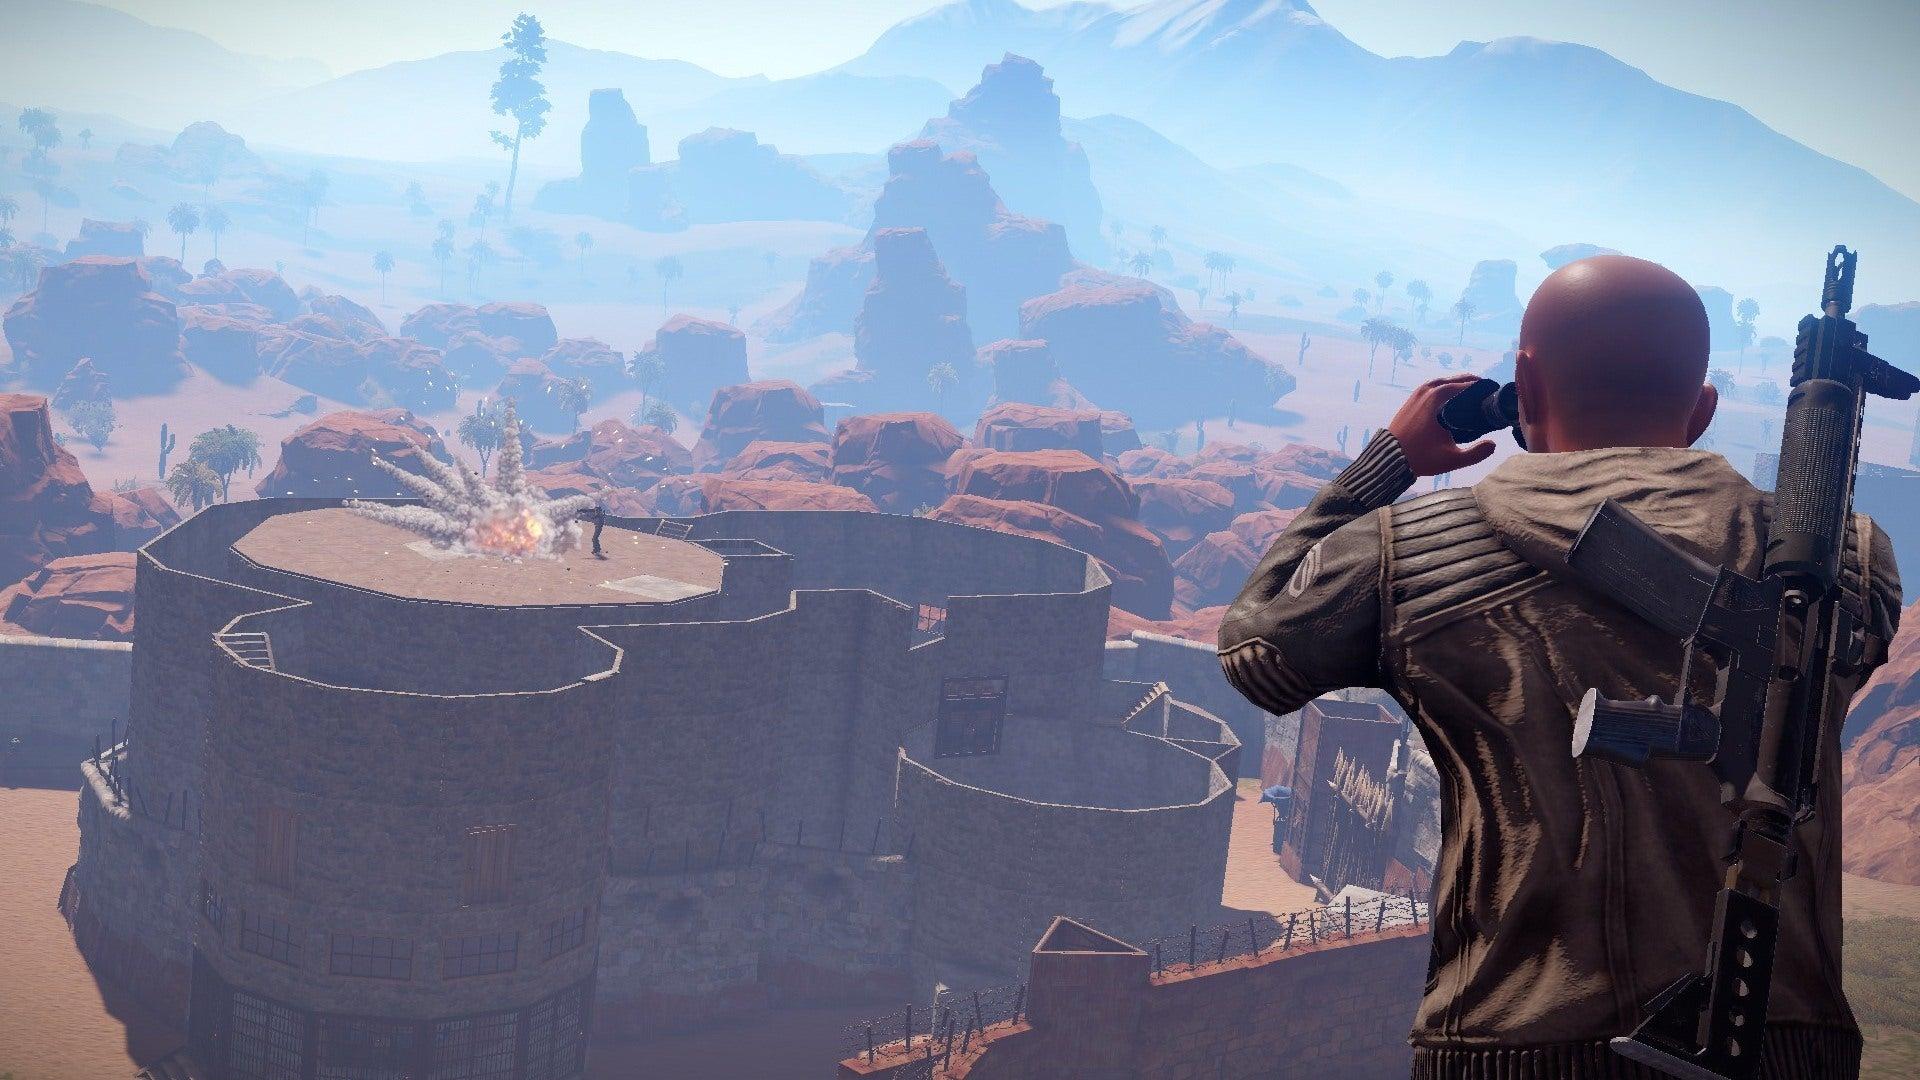 rust game wallpaper 74553